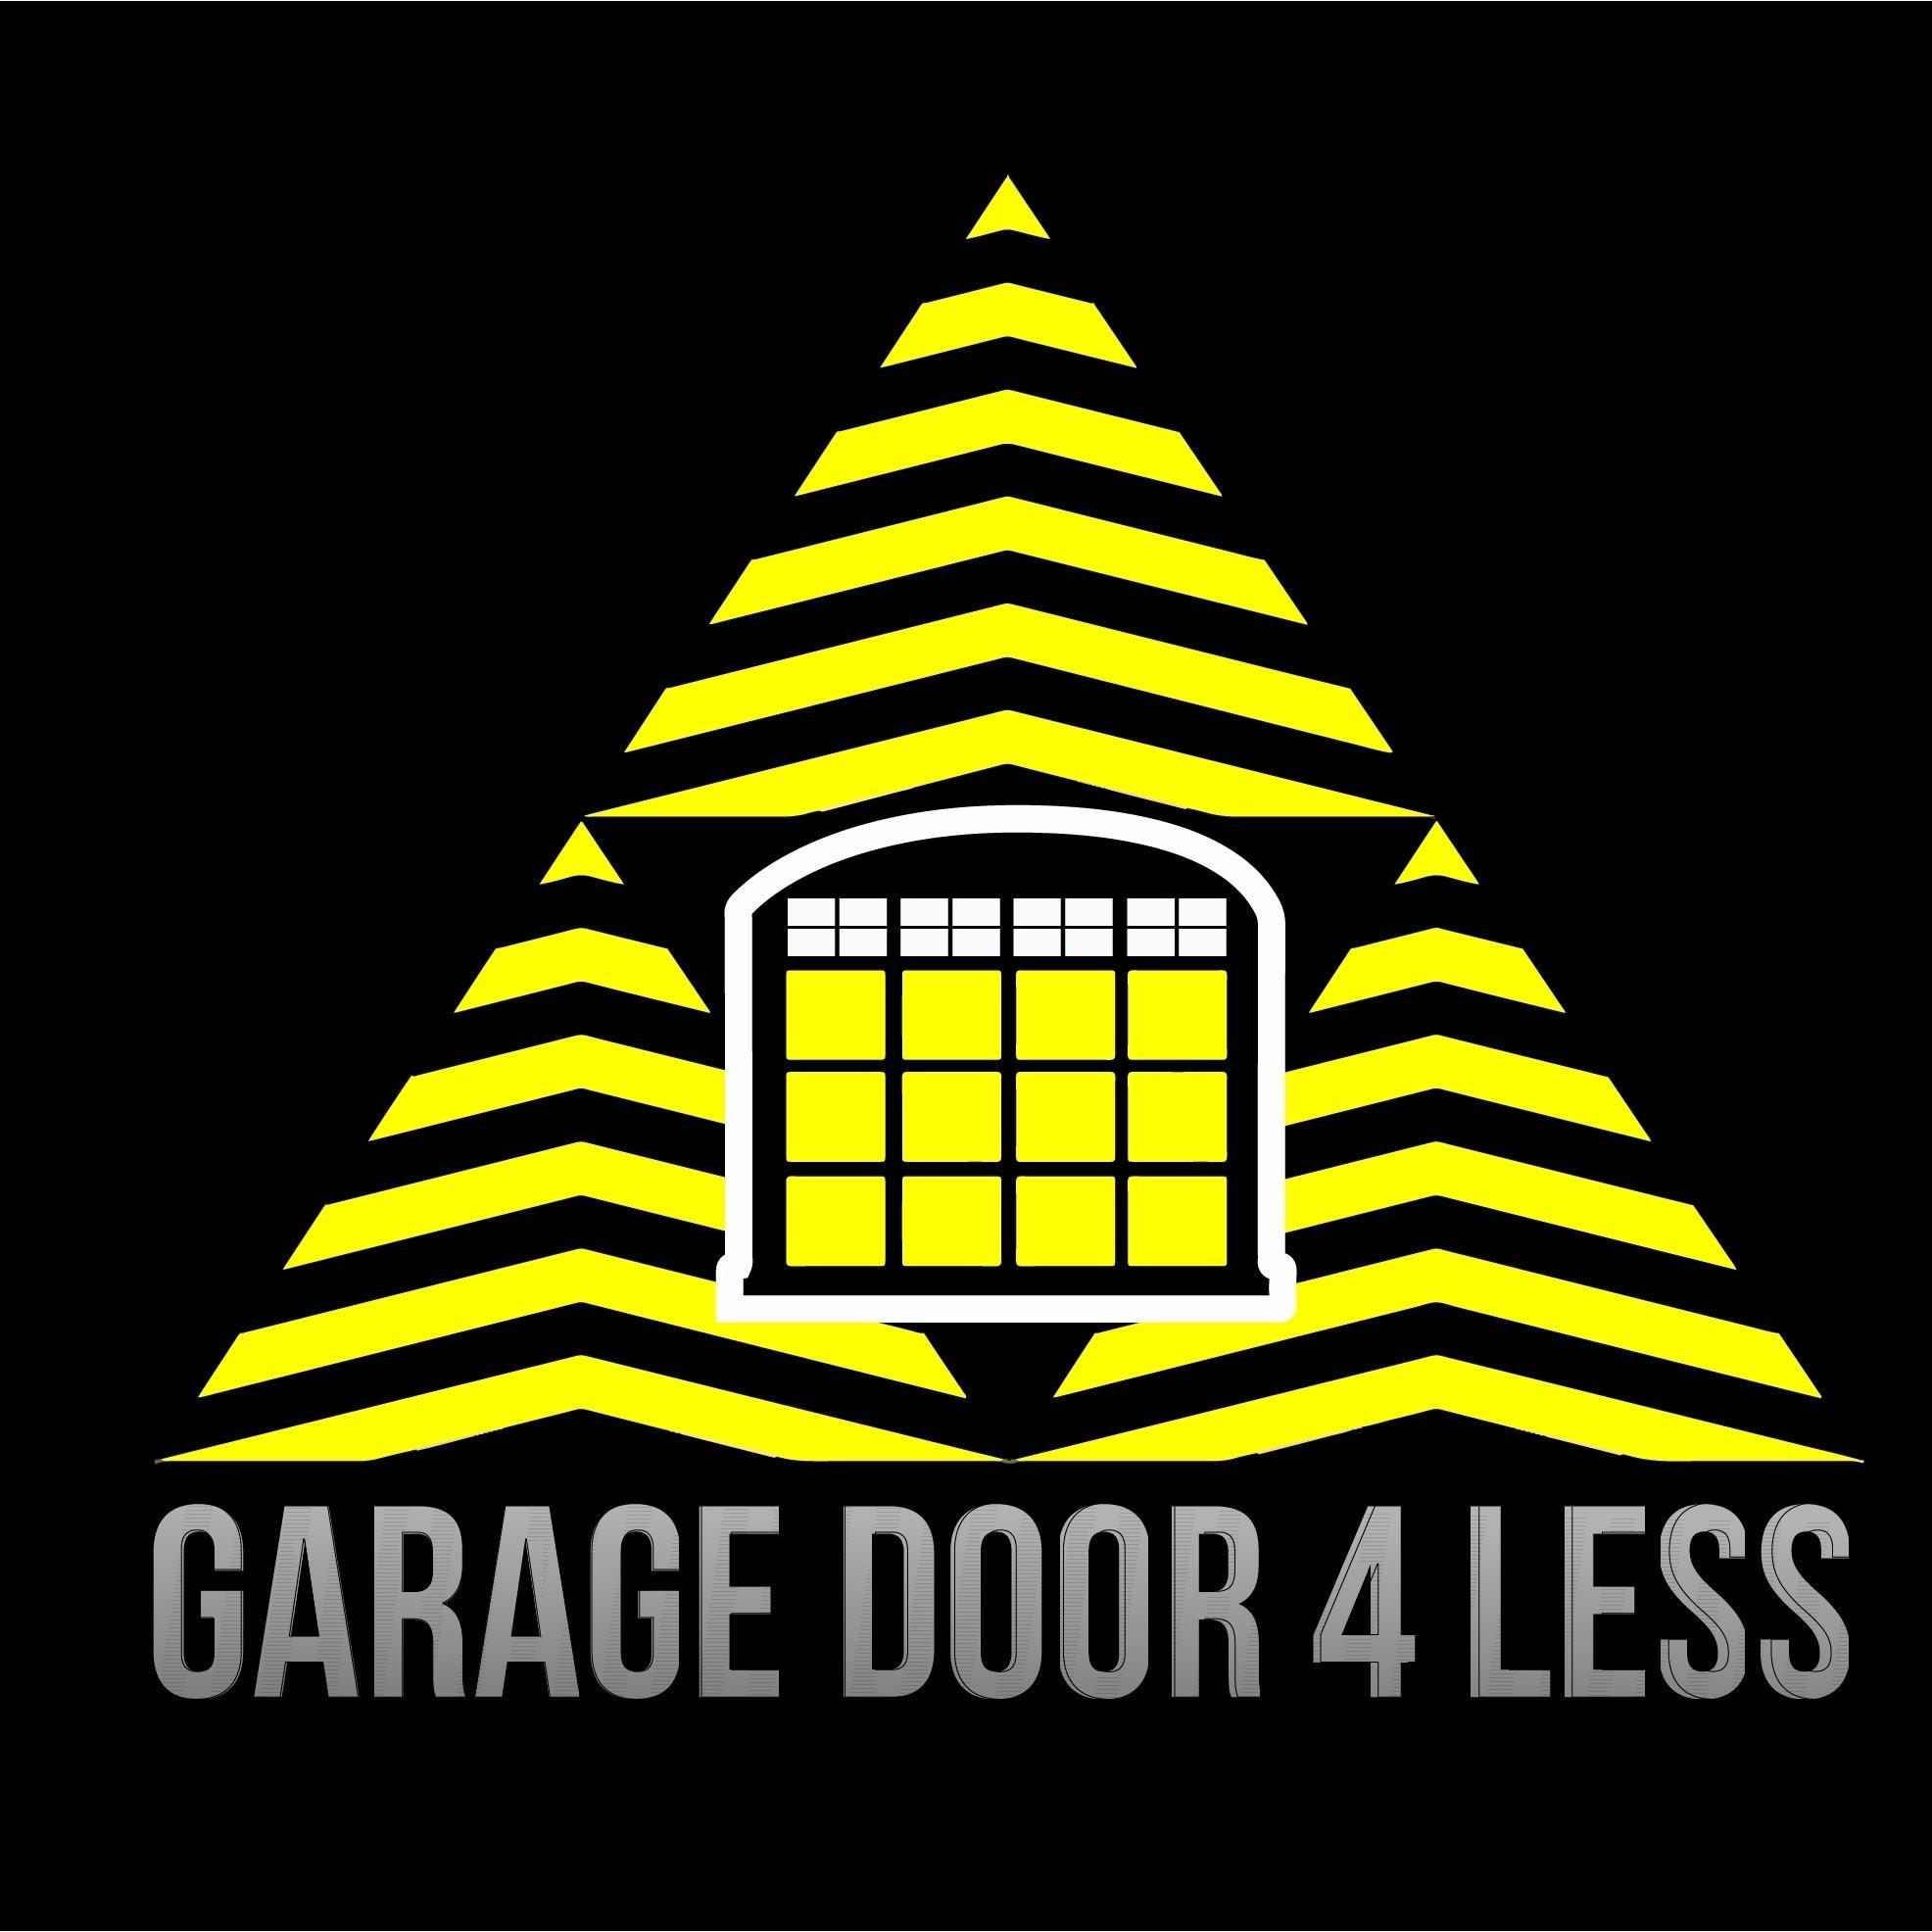 Garage Door 4 Less